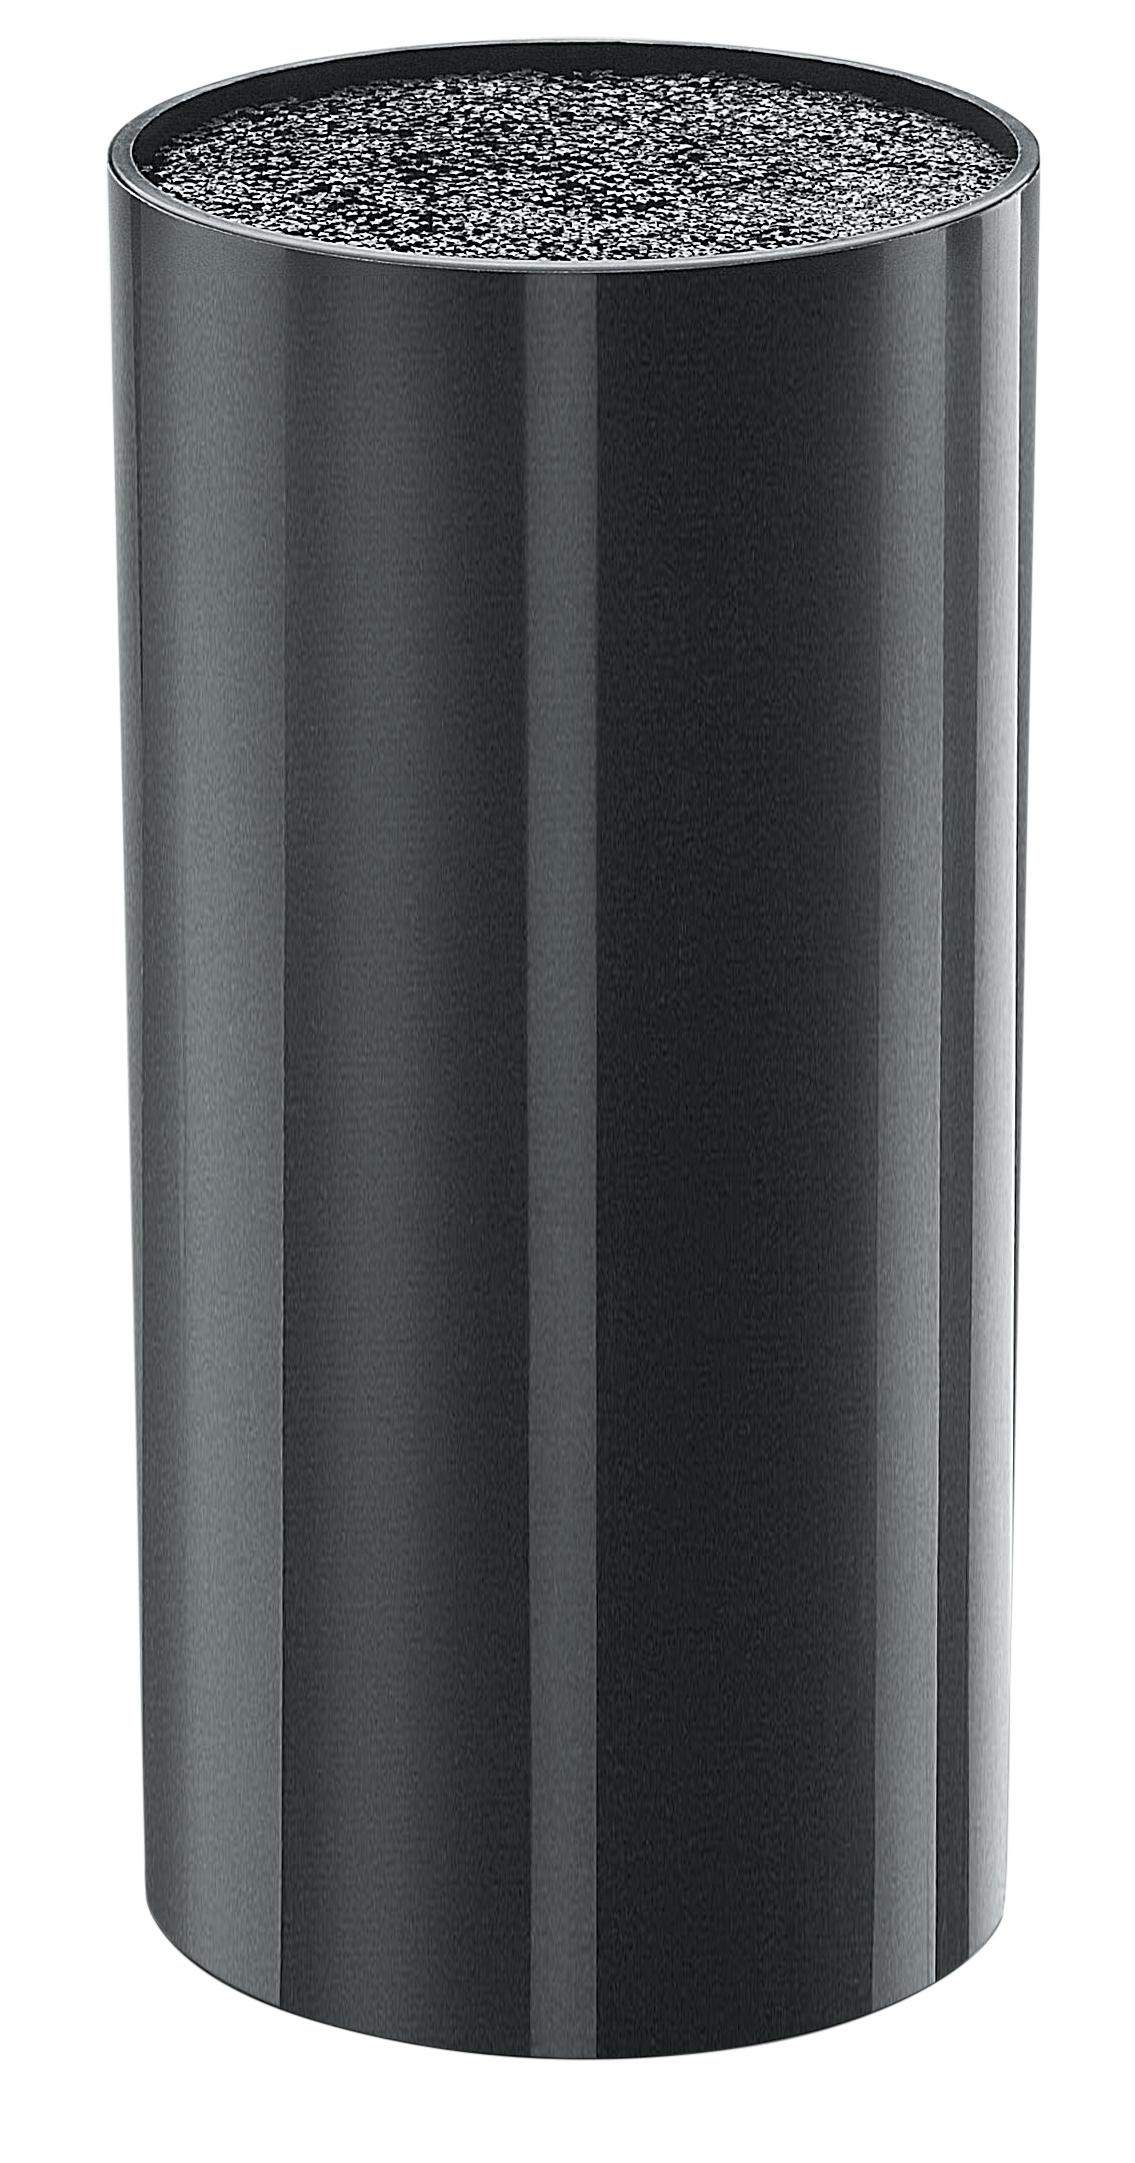 Stojan na nože Pearl Design 11,5 cm, černý